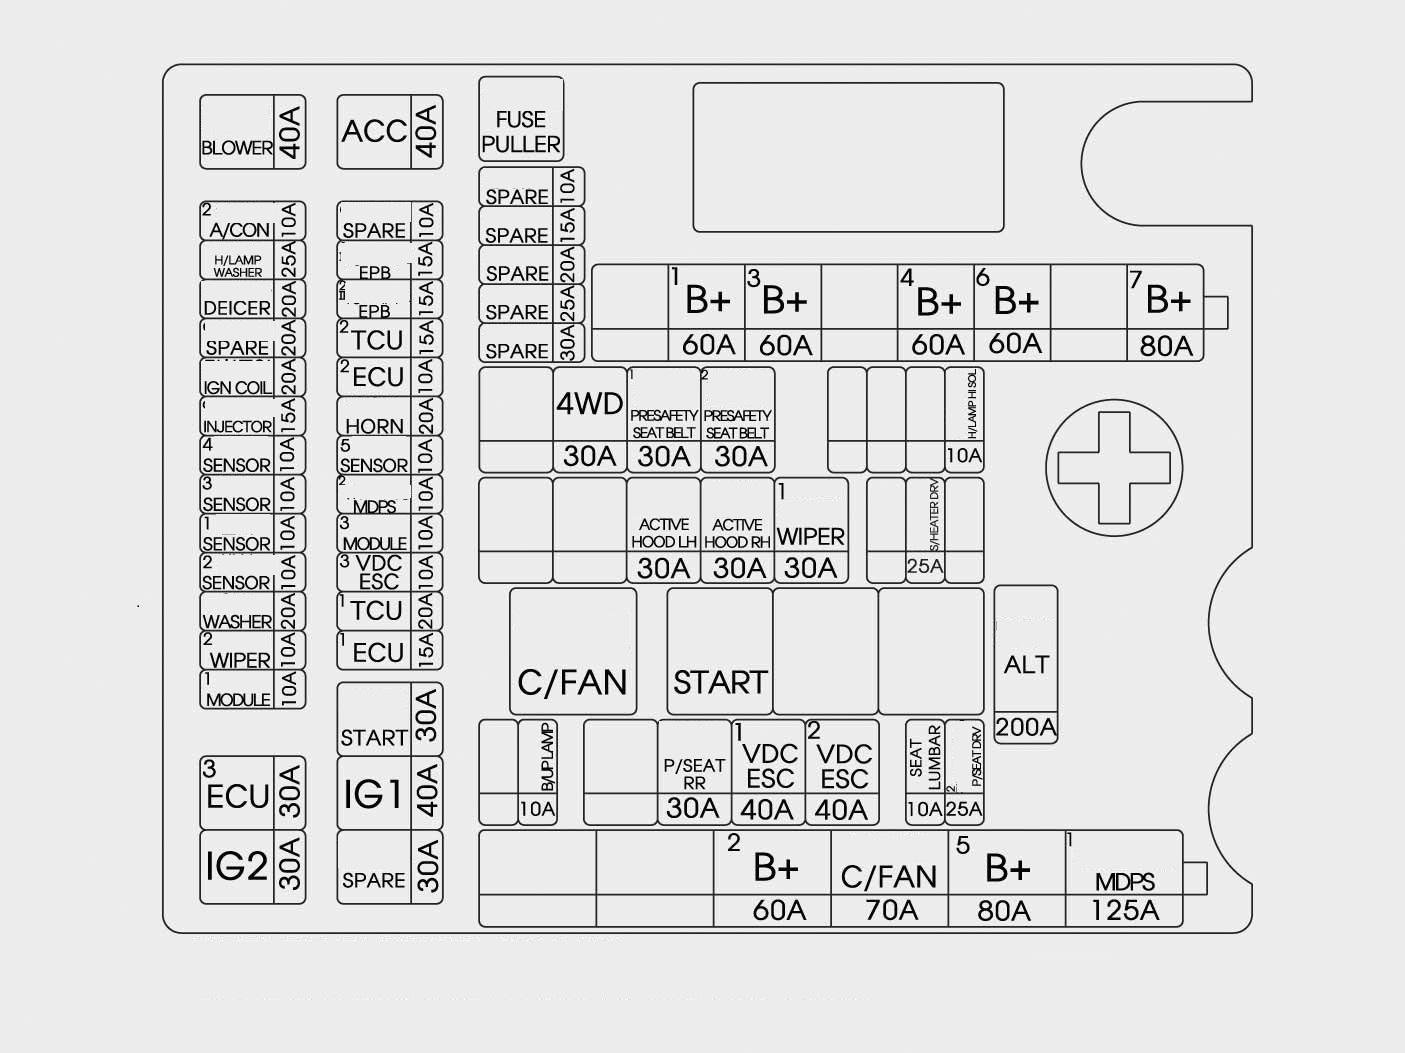 2013 fiat 500 fuse diagram - wiring diagram export step-remark -  step-remark.congressosifo2018.it  congressosifo2018.it